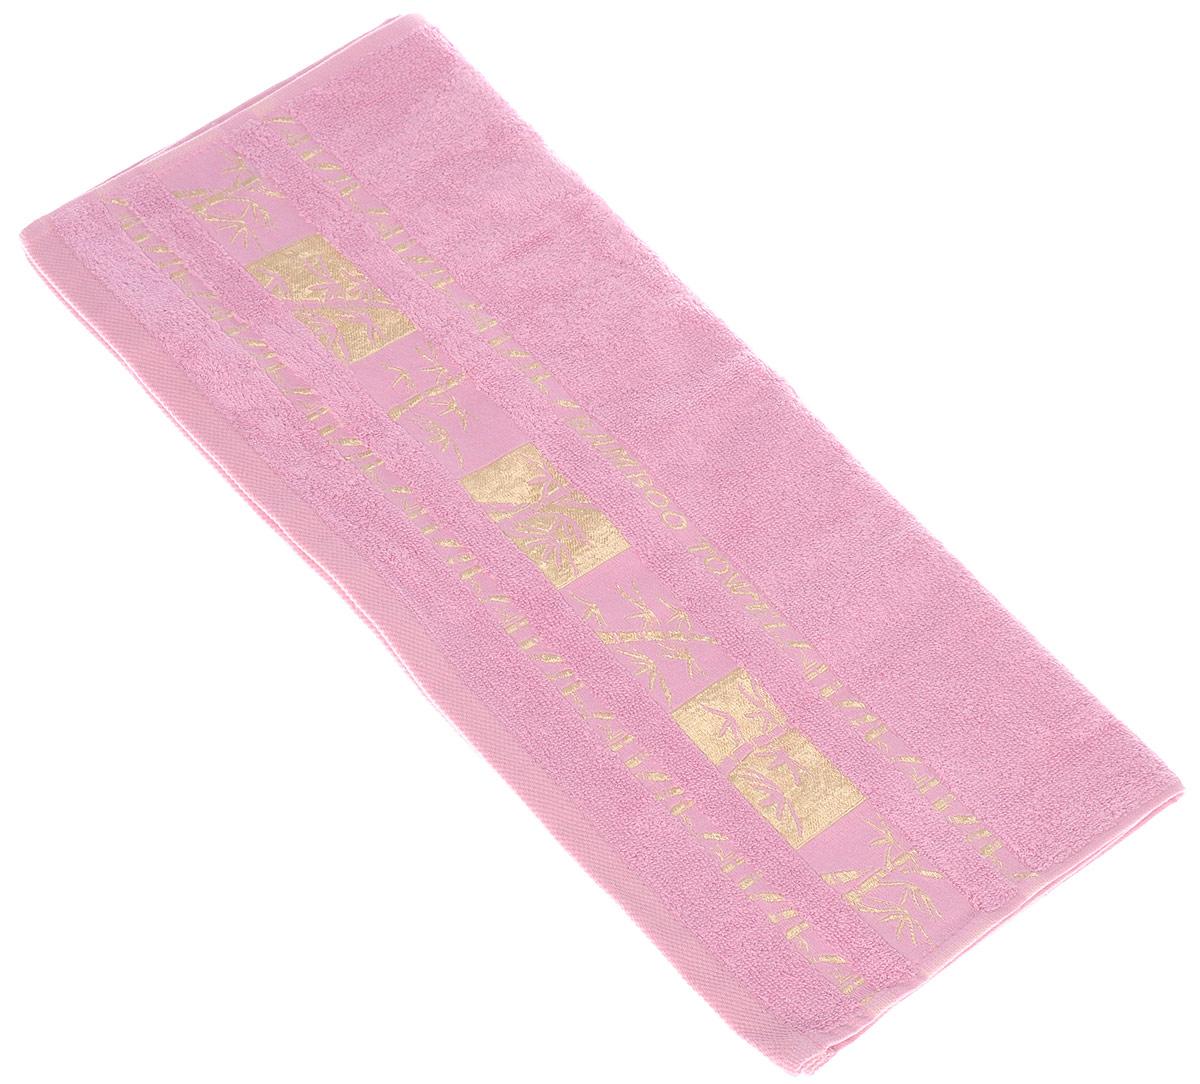 Полотенце Brielle Bamboo Gold, цвет: розовый, 50 х 90 см1212Полотенце Brielle Bamboo Gold выполнено из бамбука с содержанием хлопка. Изделие очень мягкое, оно отлично впитывает влагу, быстро сохнет, сохраняет яркость цвета и не теряет формы даже после многократных стирок. Одна из боковых сторон оформлена оригинальным рисунком и надписью. Полотенце Brielle Bamboo Gold очень практично и неприхотливо в уходе. Такое полотенце послужит приятным подарком.